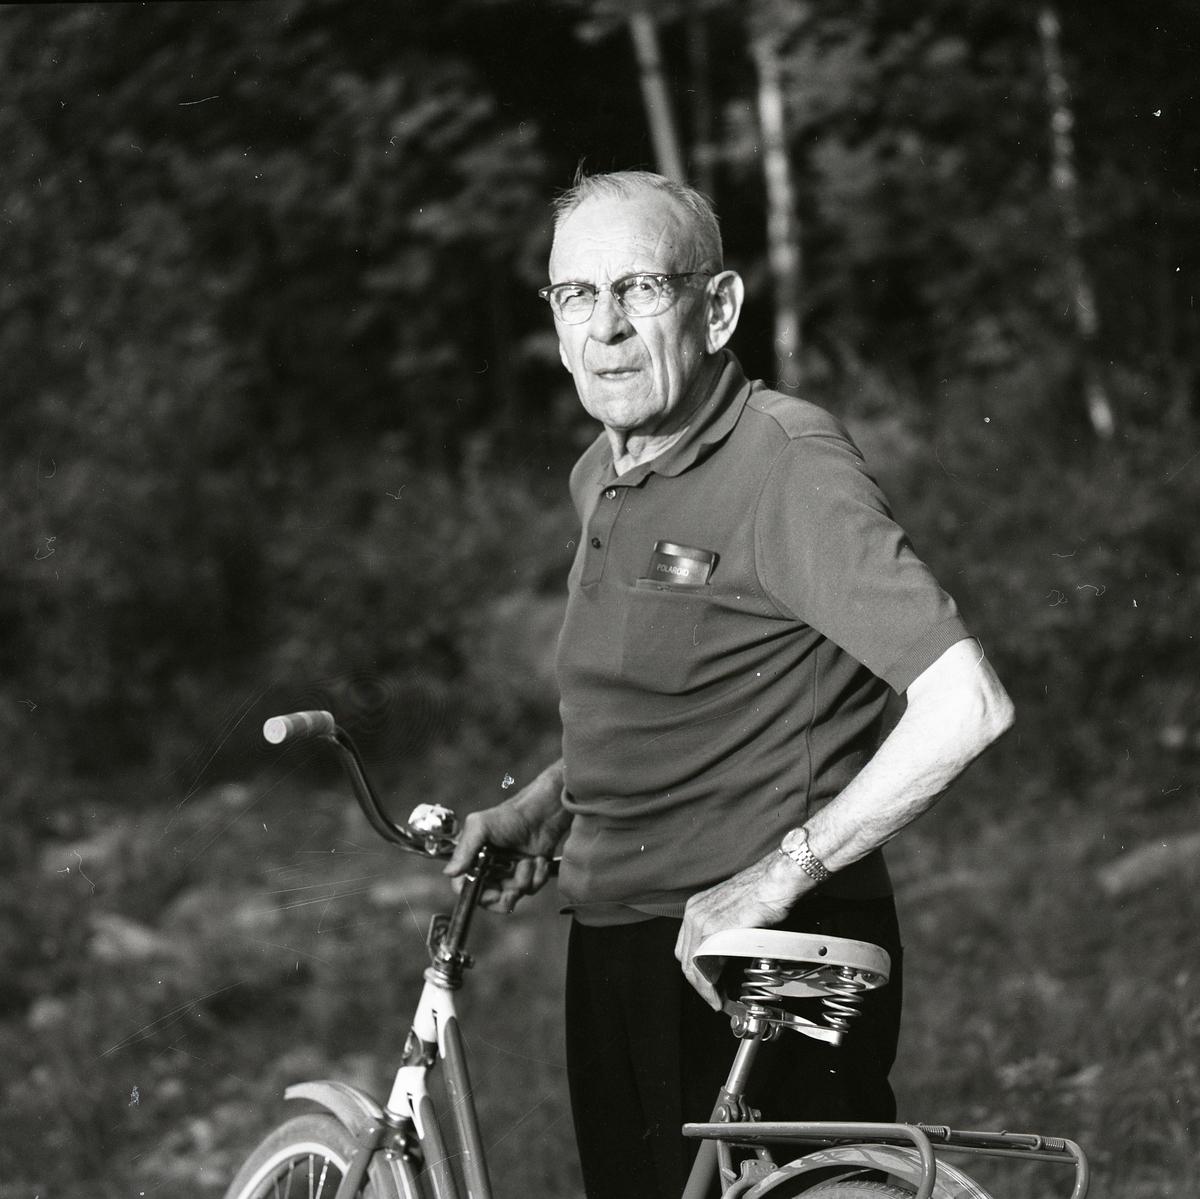 En äldre man i glasögon står med en cykel. I bröstfickan har han sitt glasögonfodral. En mild sol lyser på honom.